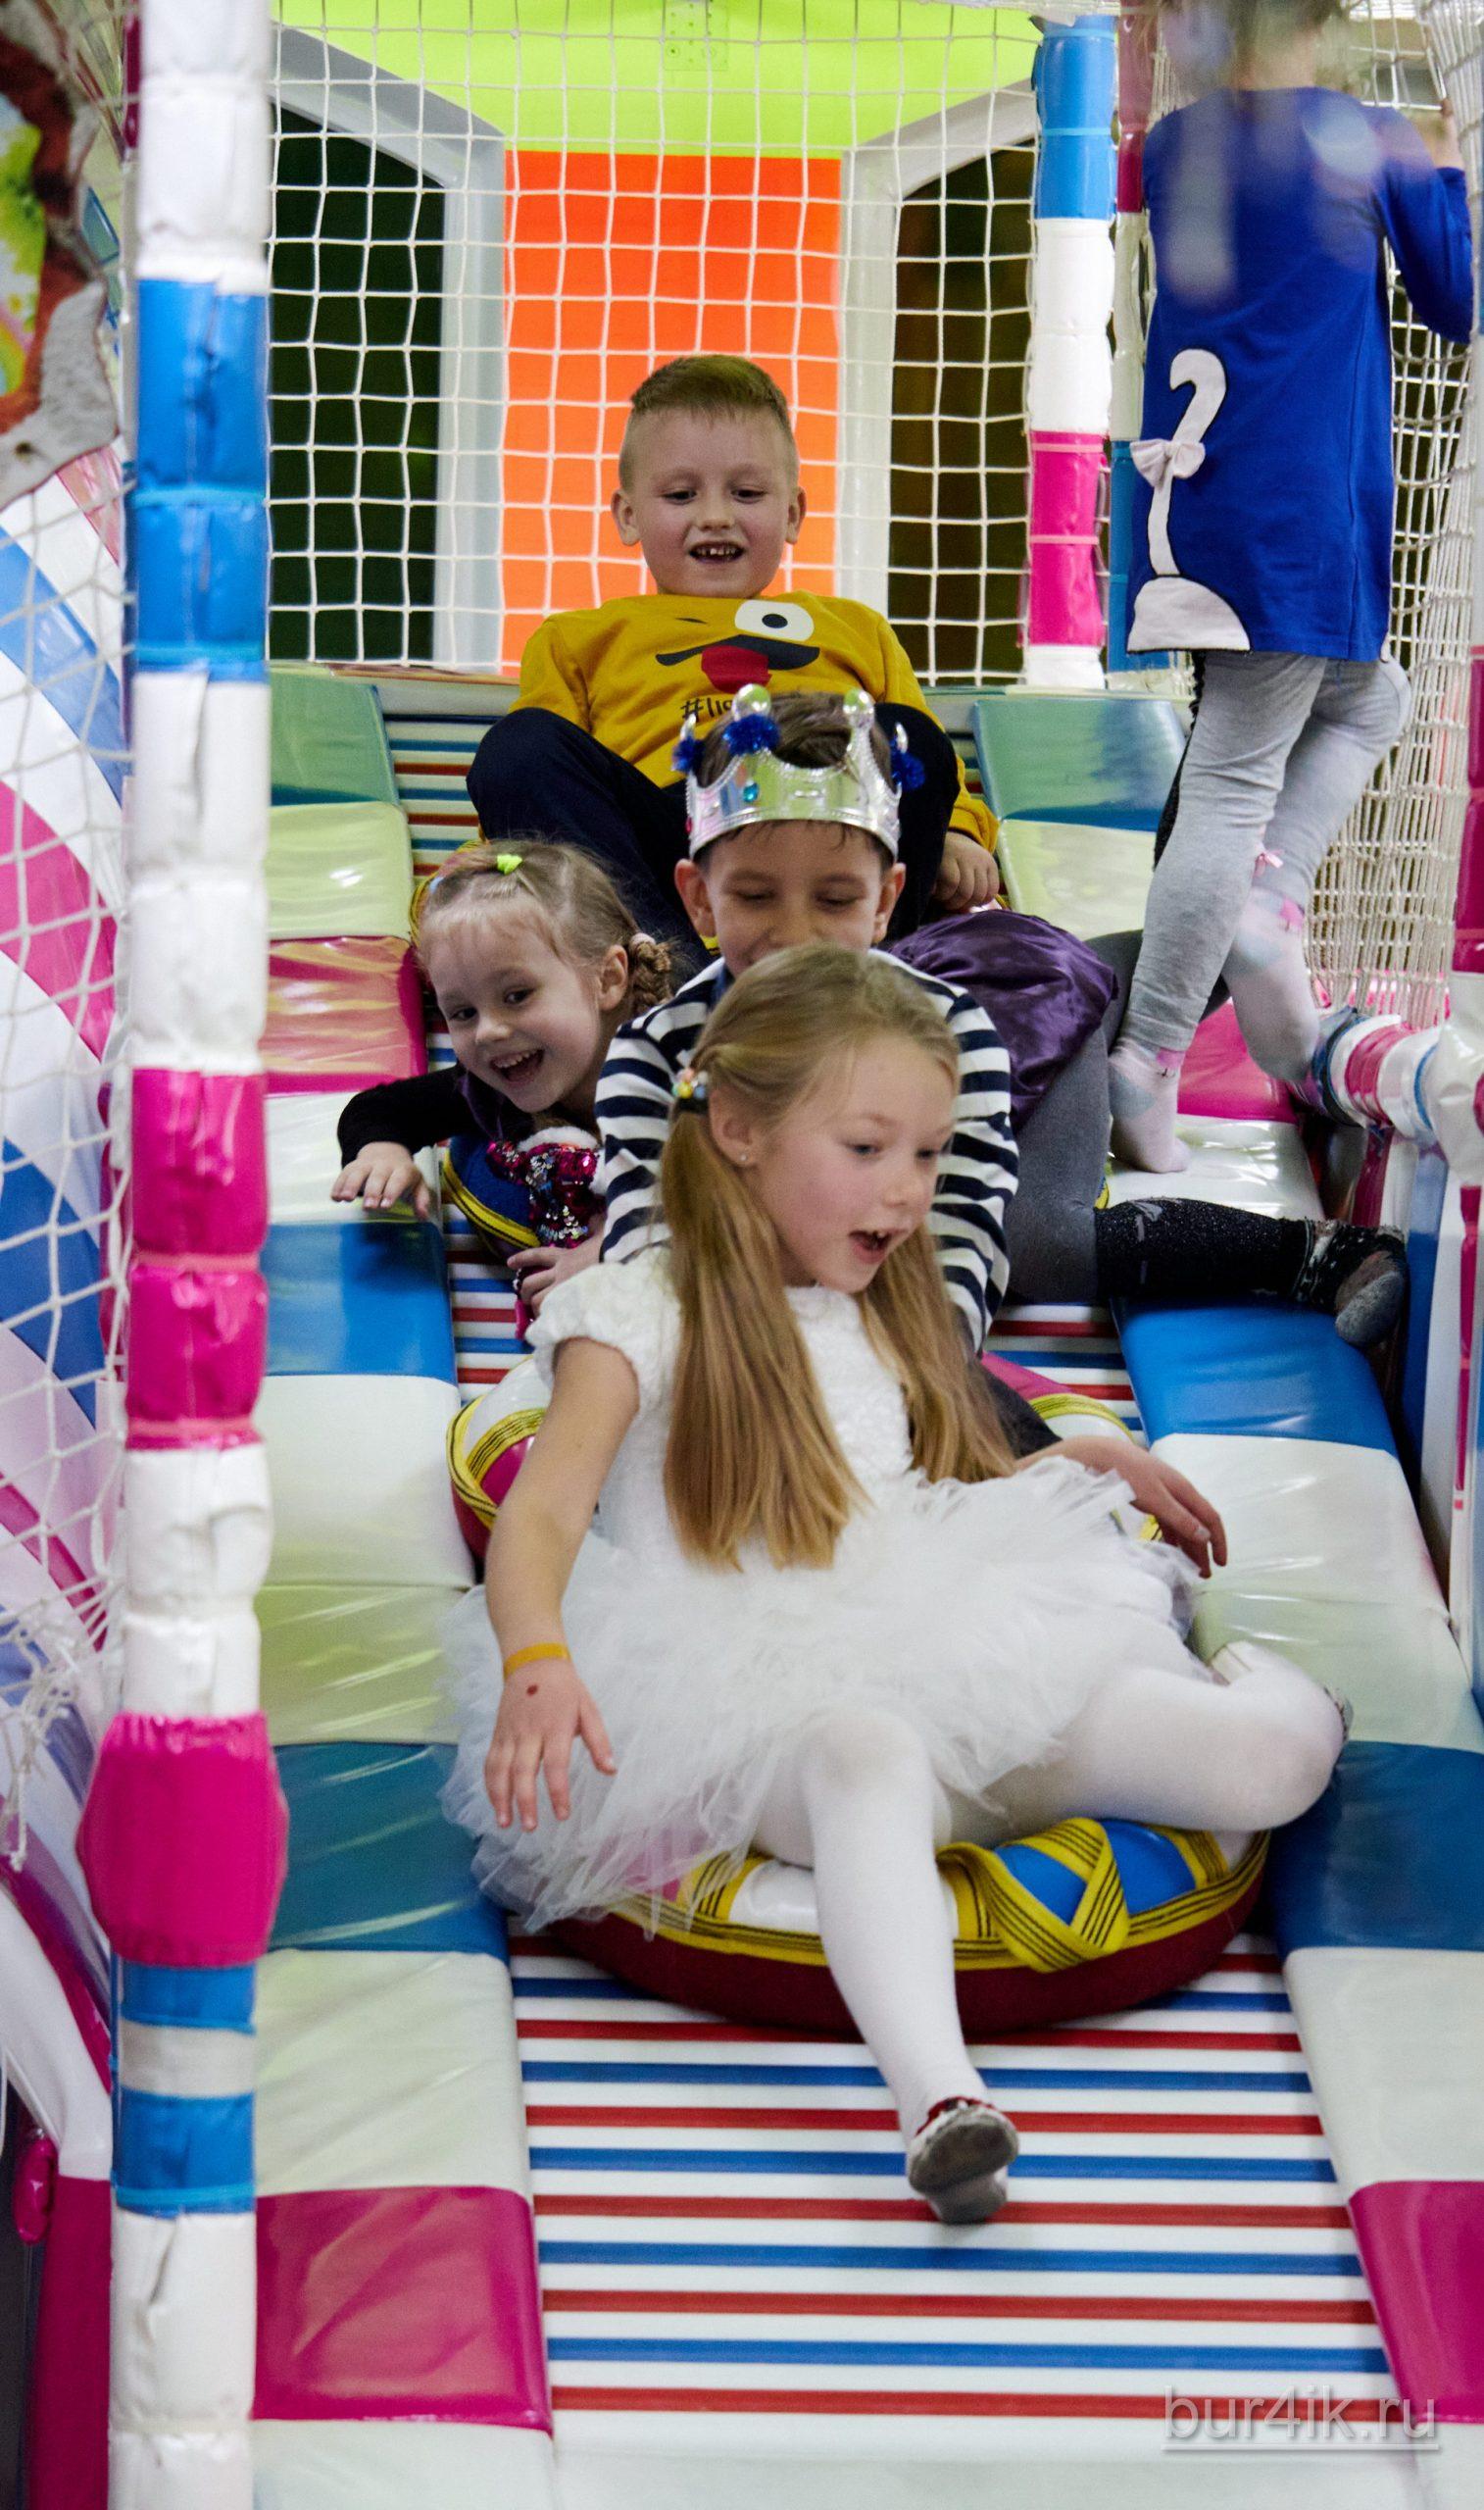 Фото Детское День Рождения в Детский Дворик 15.01.2020 №301 -photo- bur4ik.ru